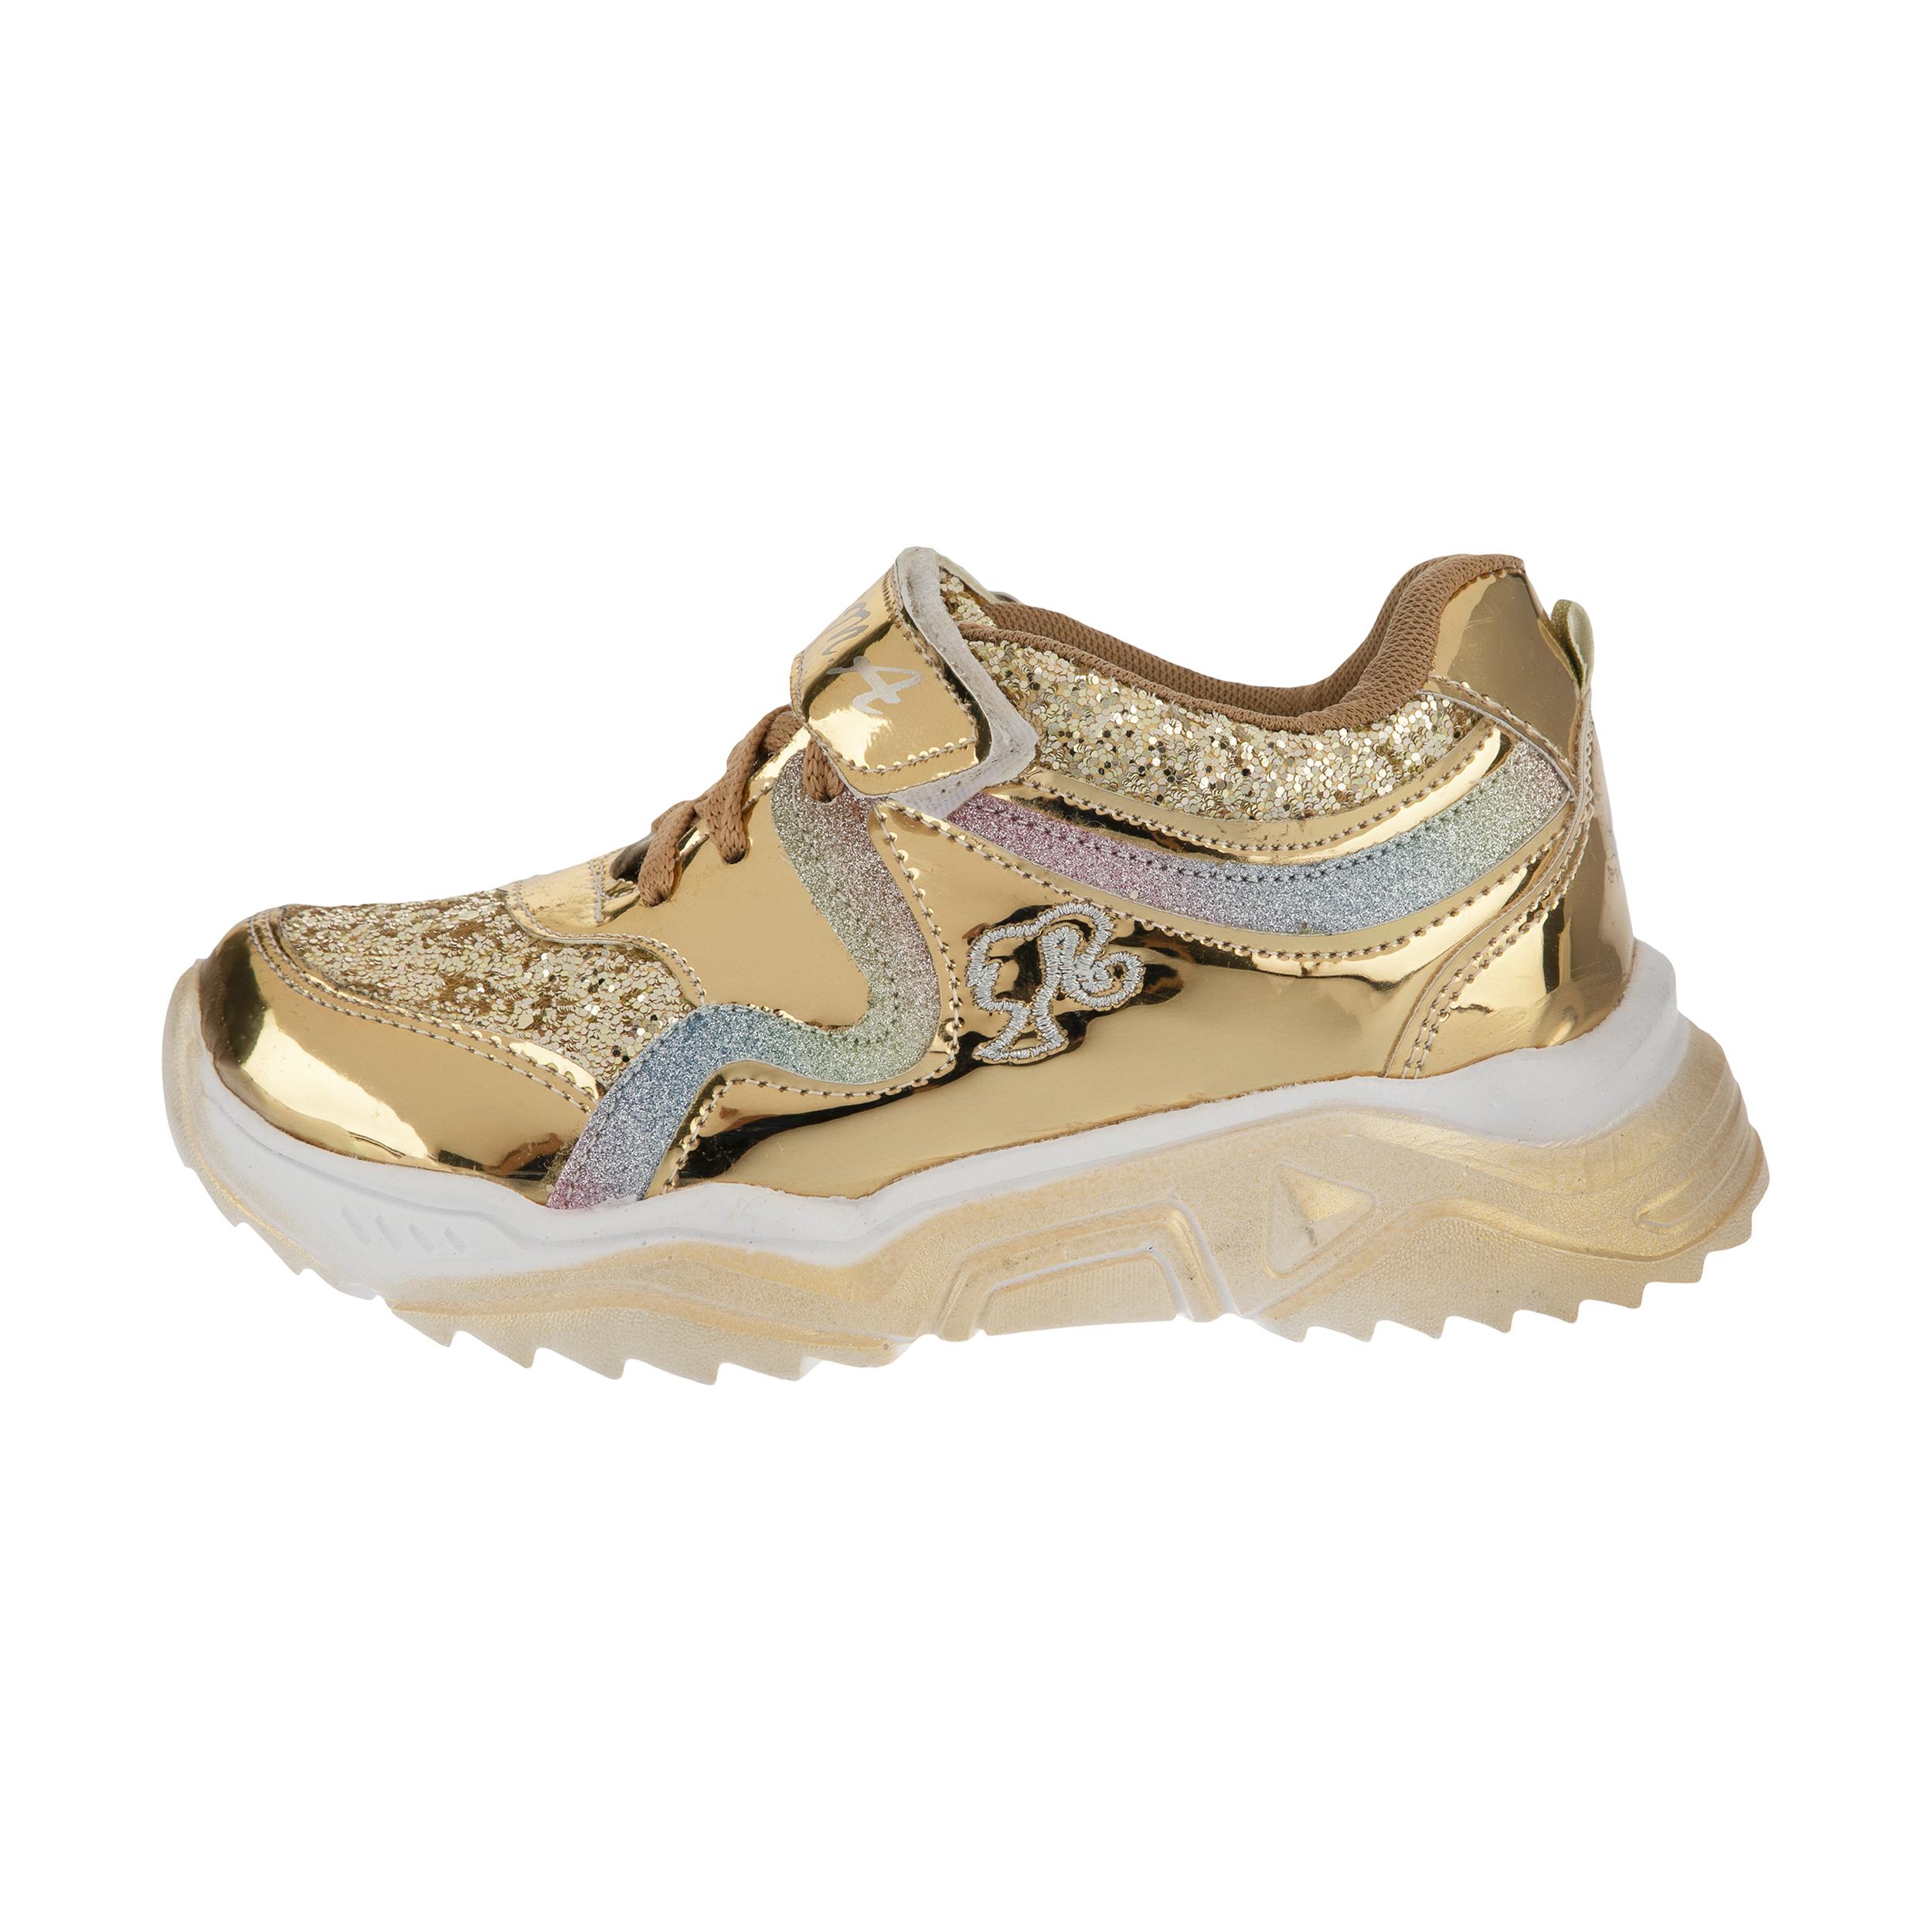 کفش بچگانه دخترانه مدل neqma